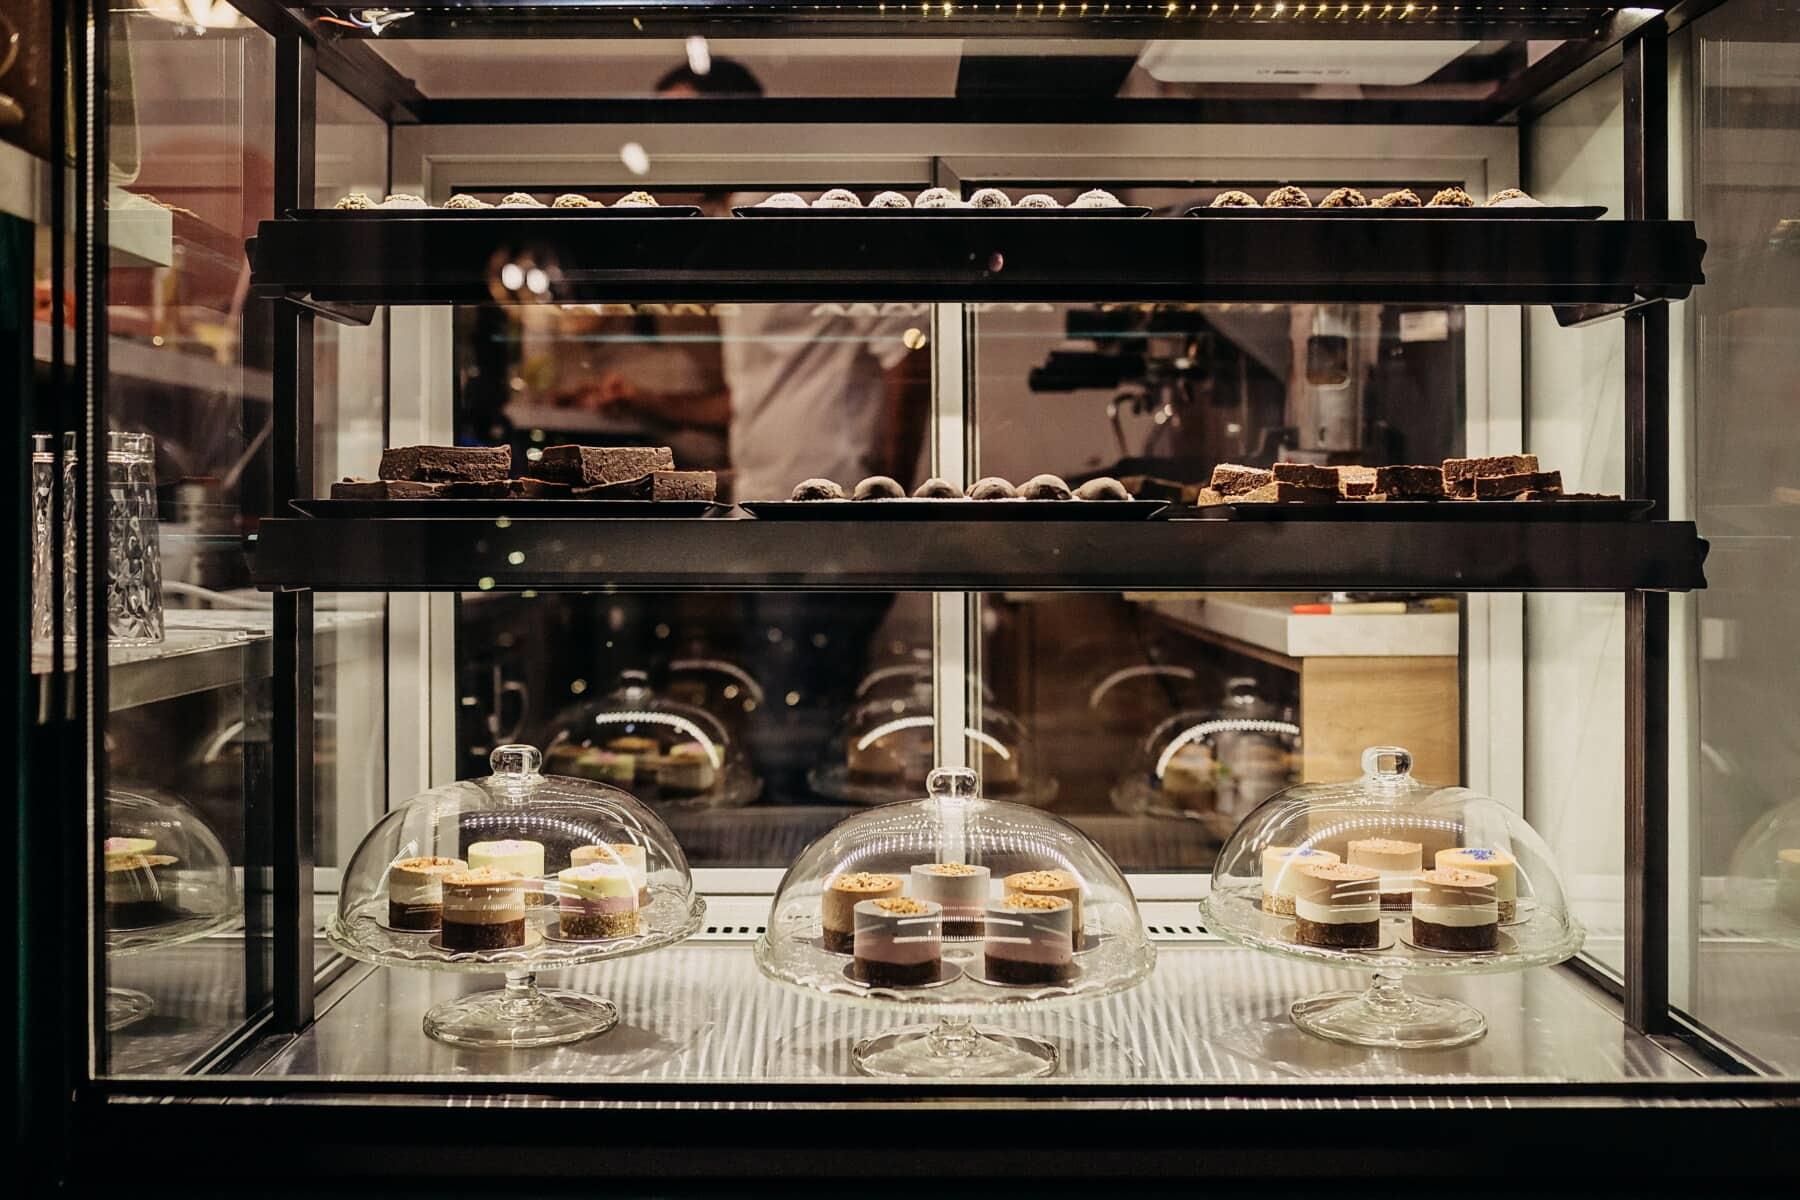 케이크, 케이크 가게, 구색, 제품, 생산, 주식, 워크숍, 레스토랑, 케이스, 가 게